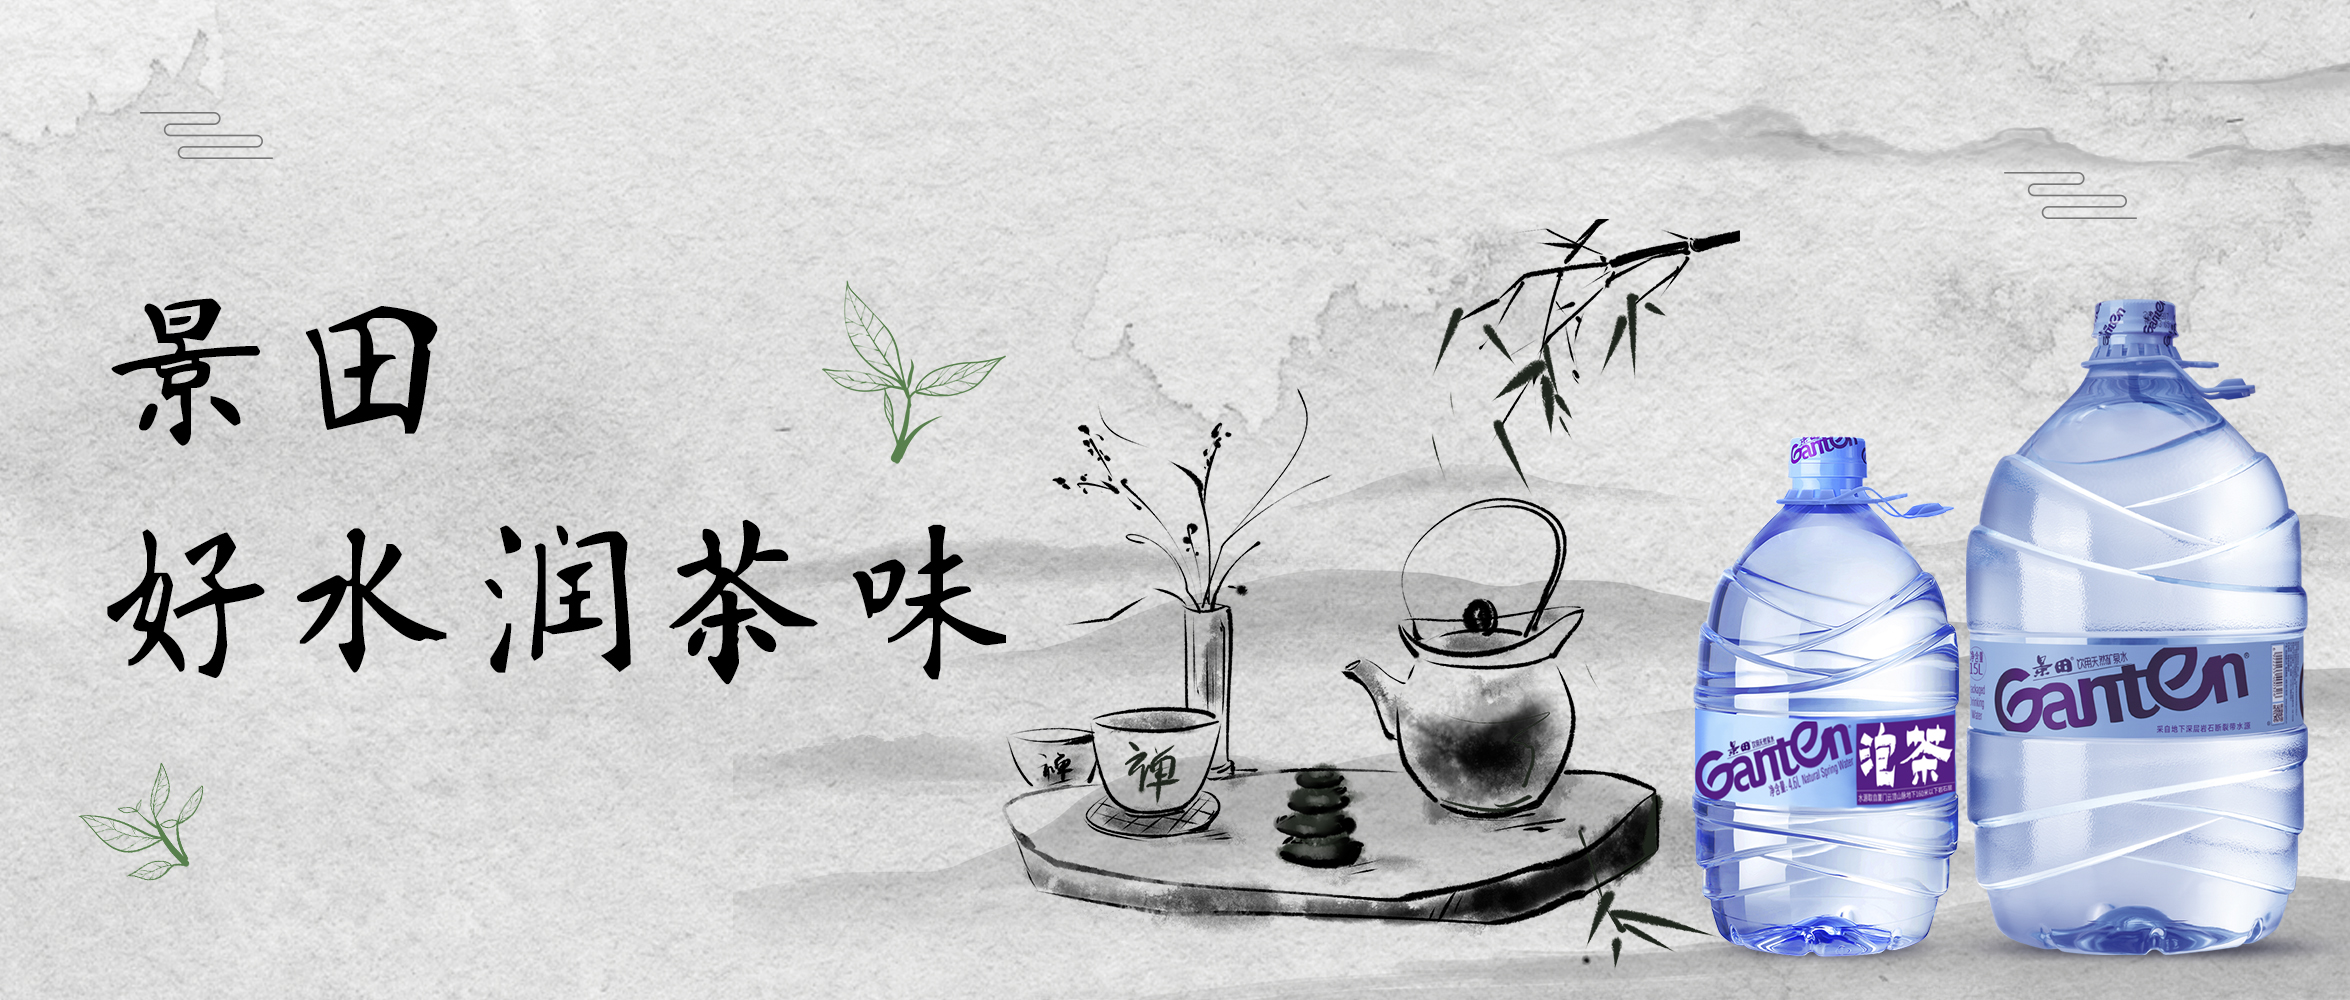 好水润茶味 | 景田携手第24届深圳春季茶博会绽放茶香